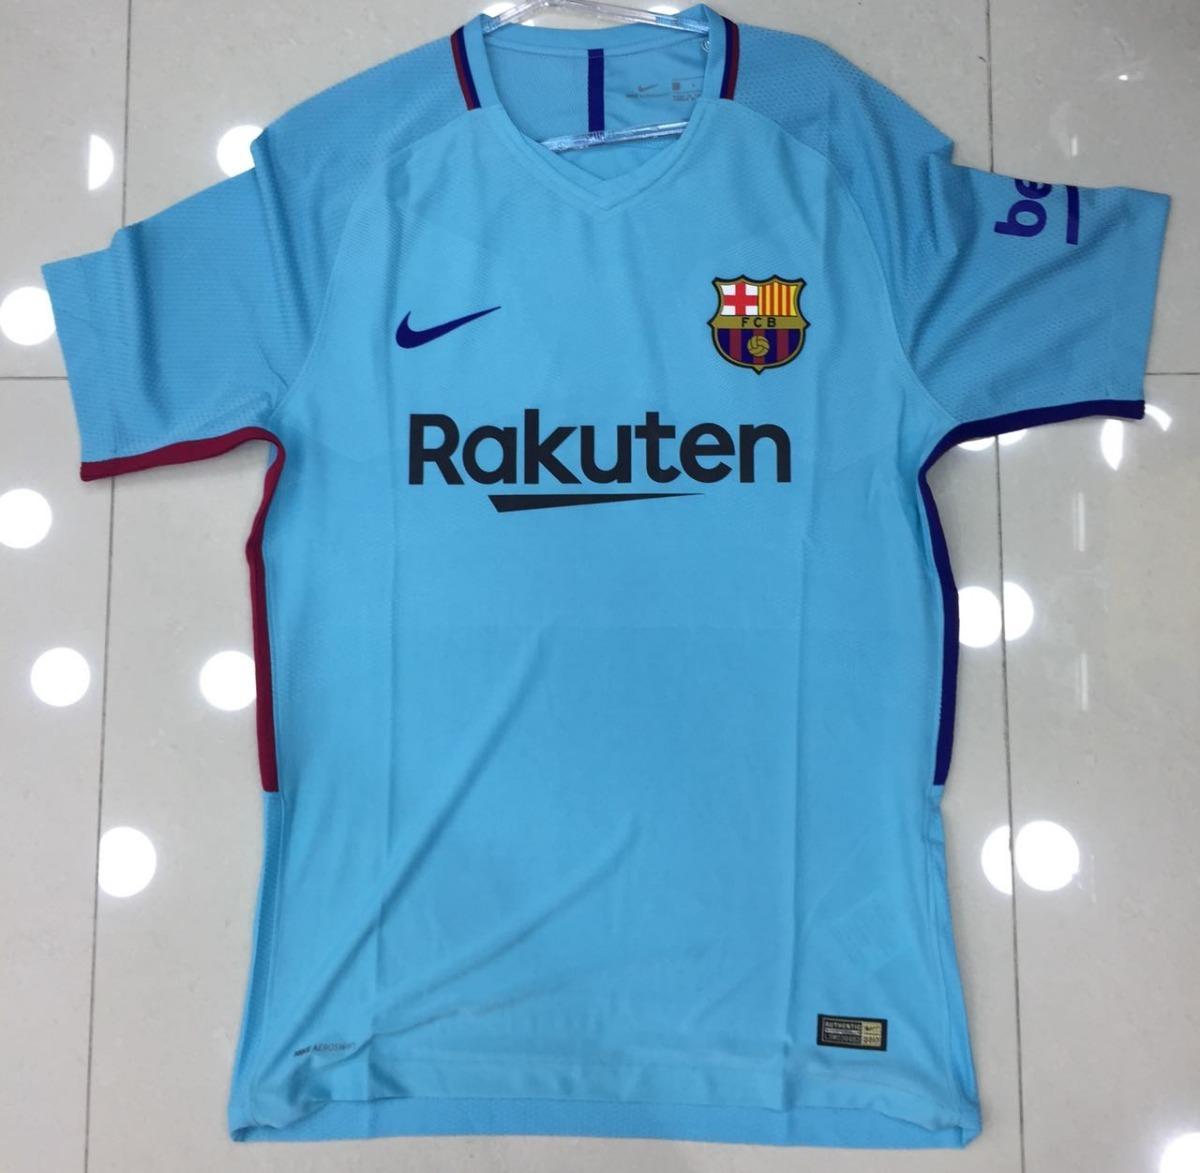 camisa camiseta de time barcelona modelo jogador original. Carregando zoom. 37b8b19ebce80